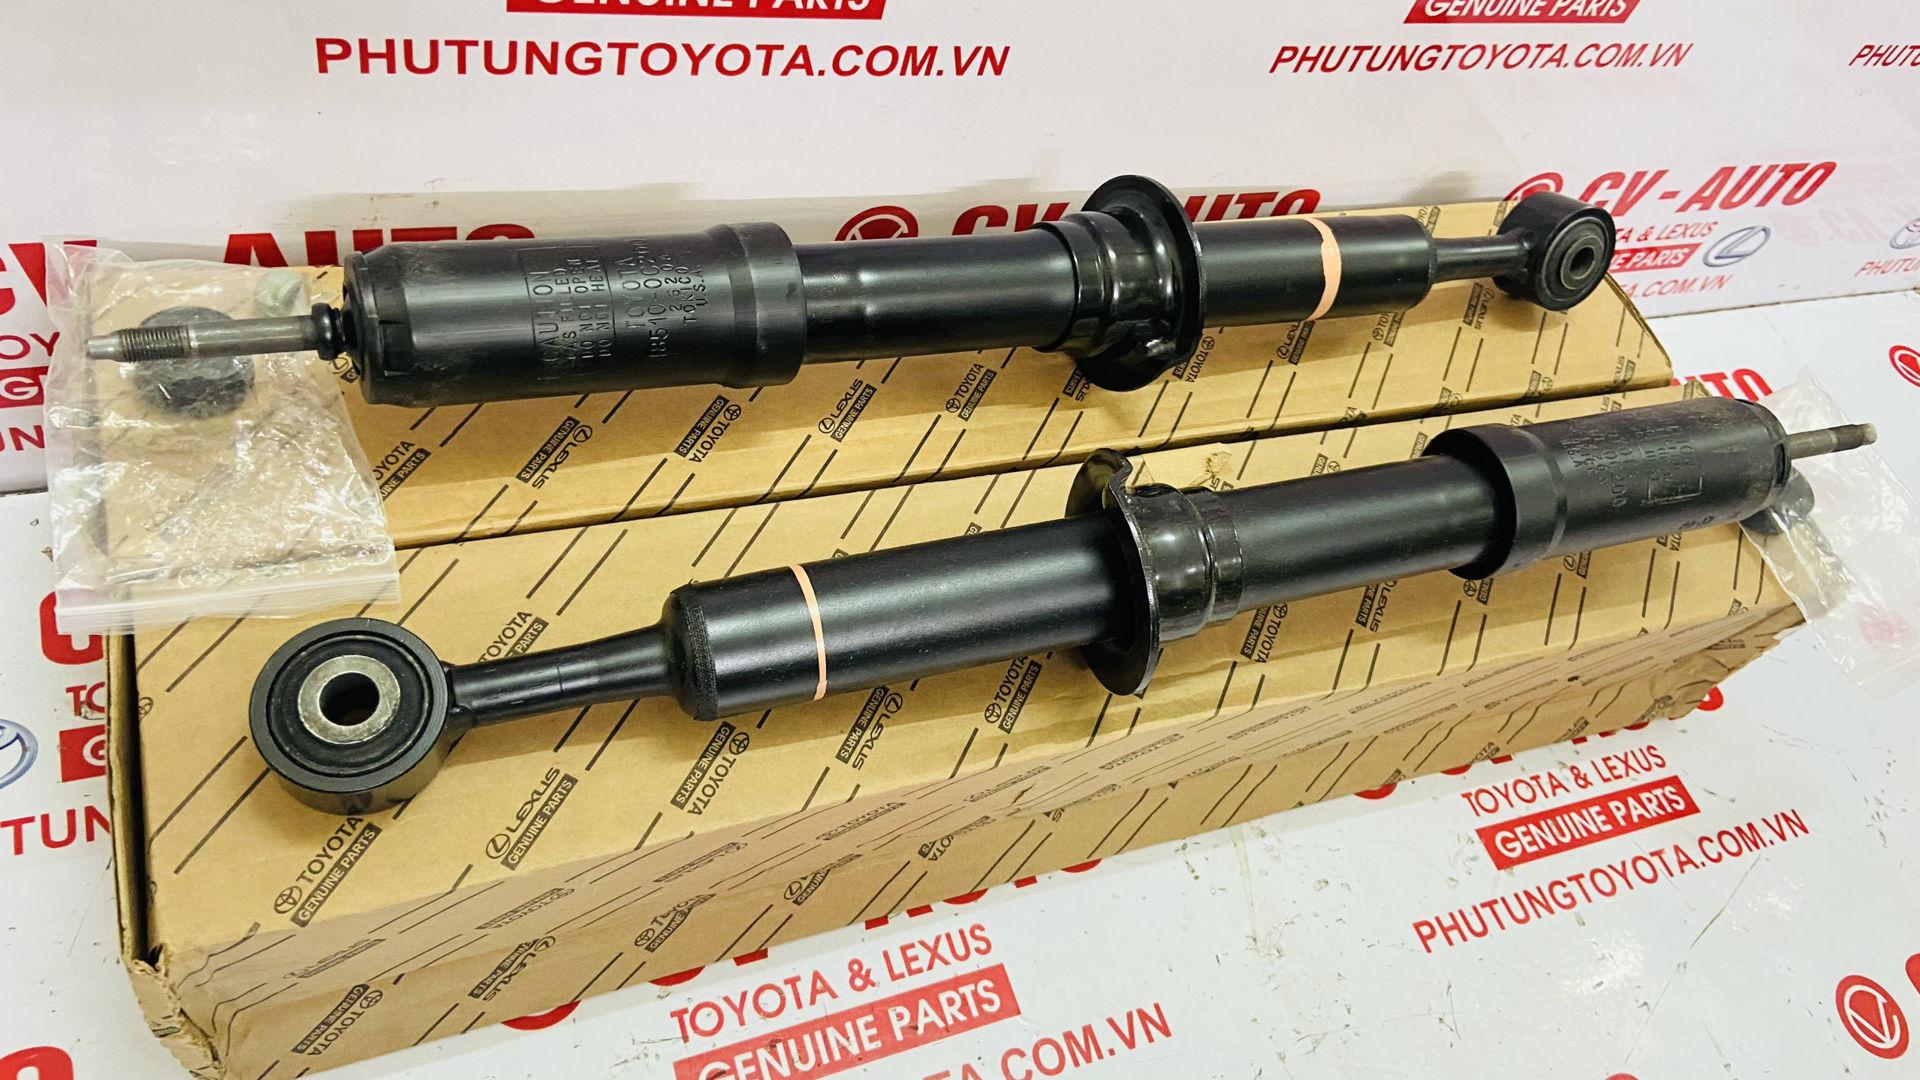 Picture of 48510-09897, 4851009897 Giảm xóc trước Toyota Tundra chính hãng